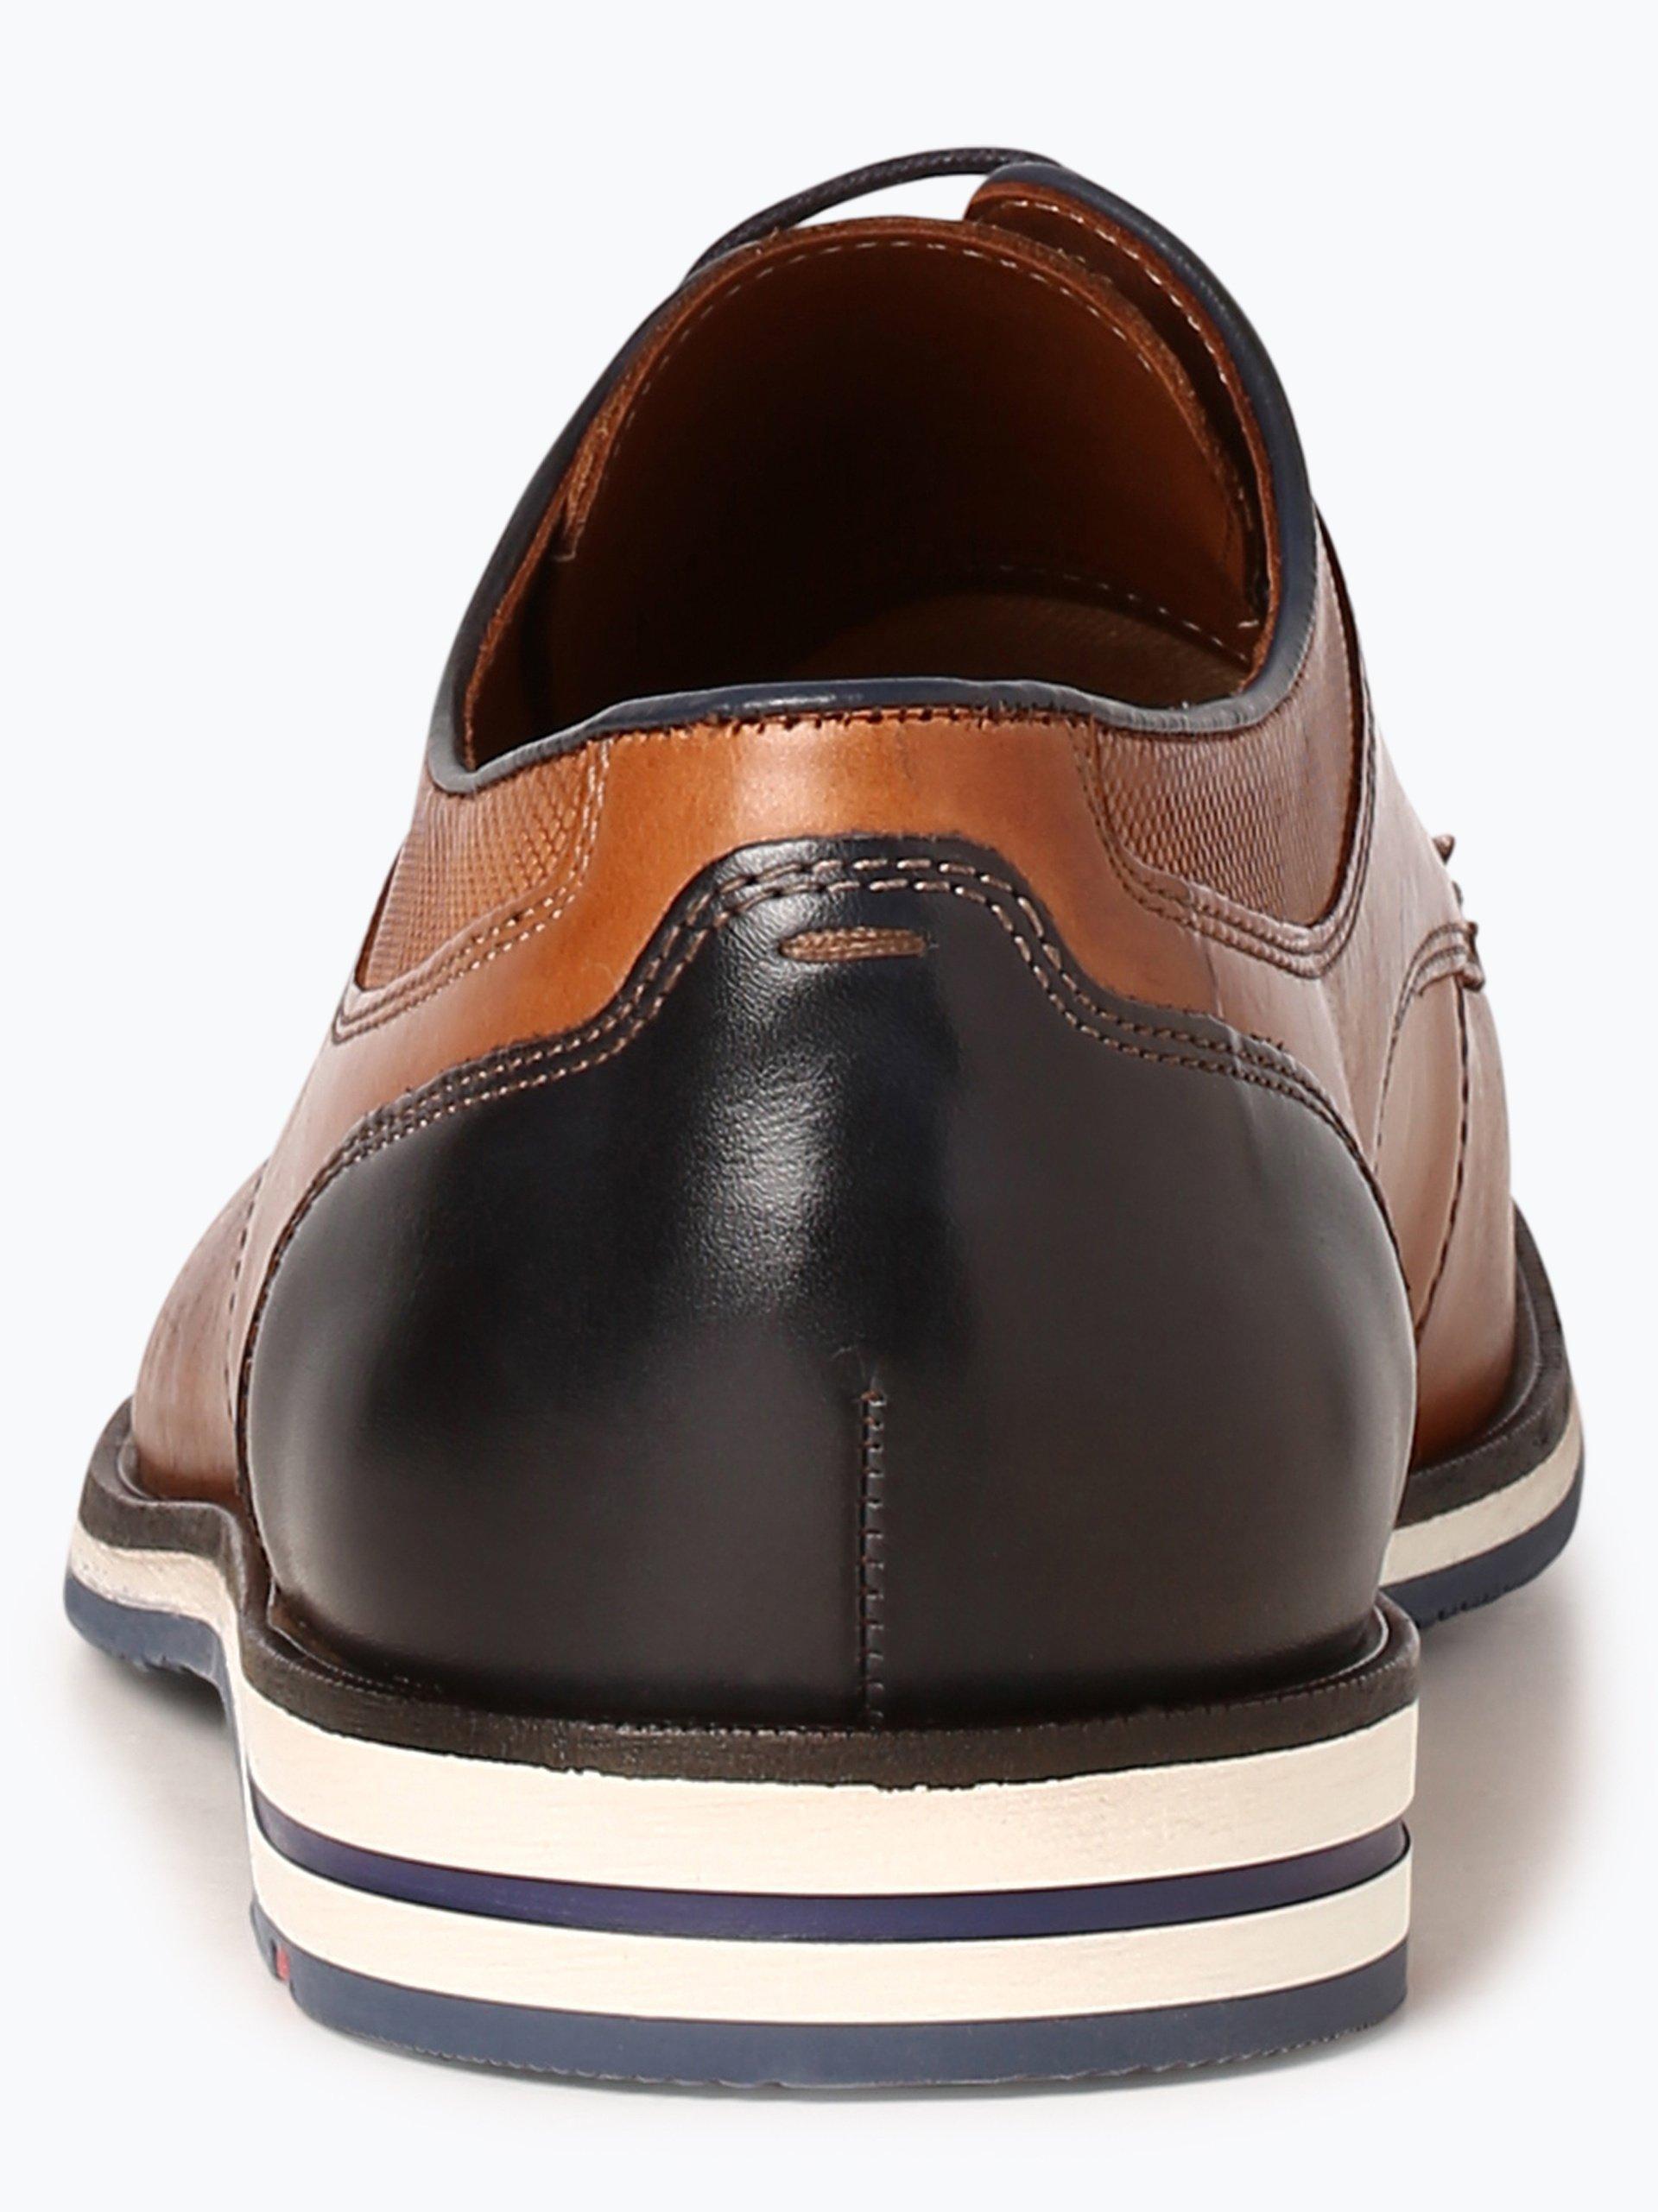 Lloyd Herren Schnürschuhe aus Leder - Diego